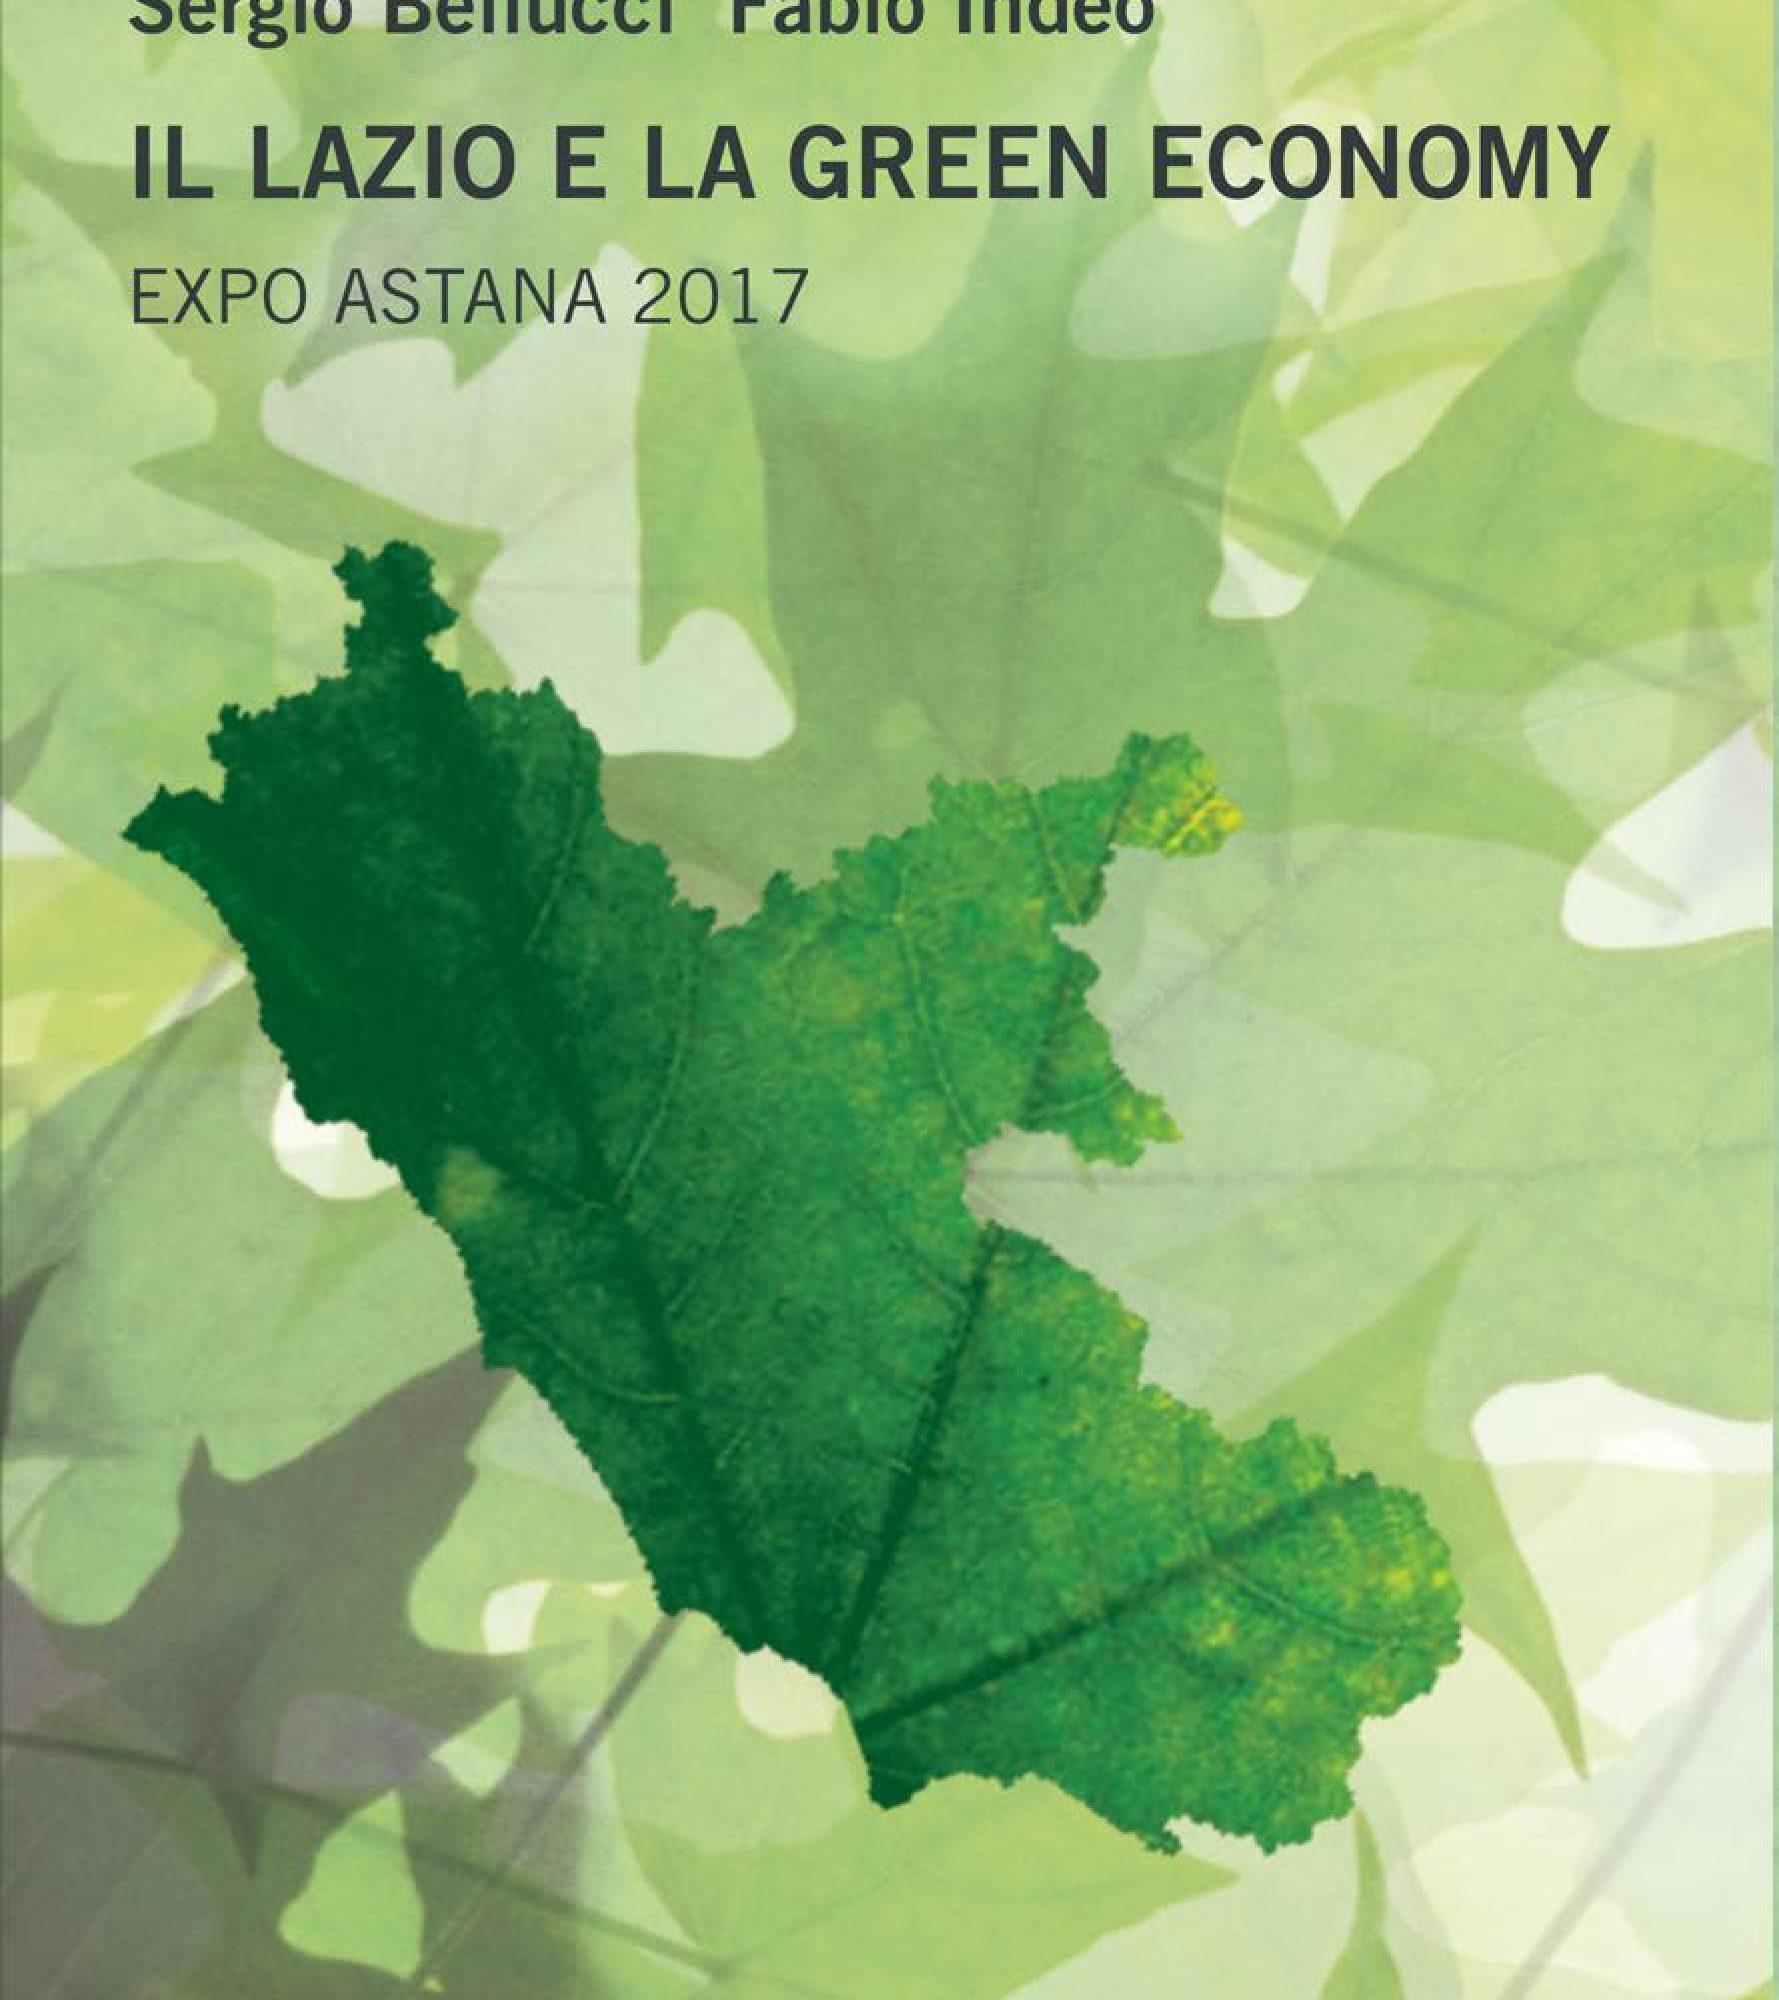 Sergio Bellucci, Fabio Indeo – Il Lazio e la Green Economy